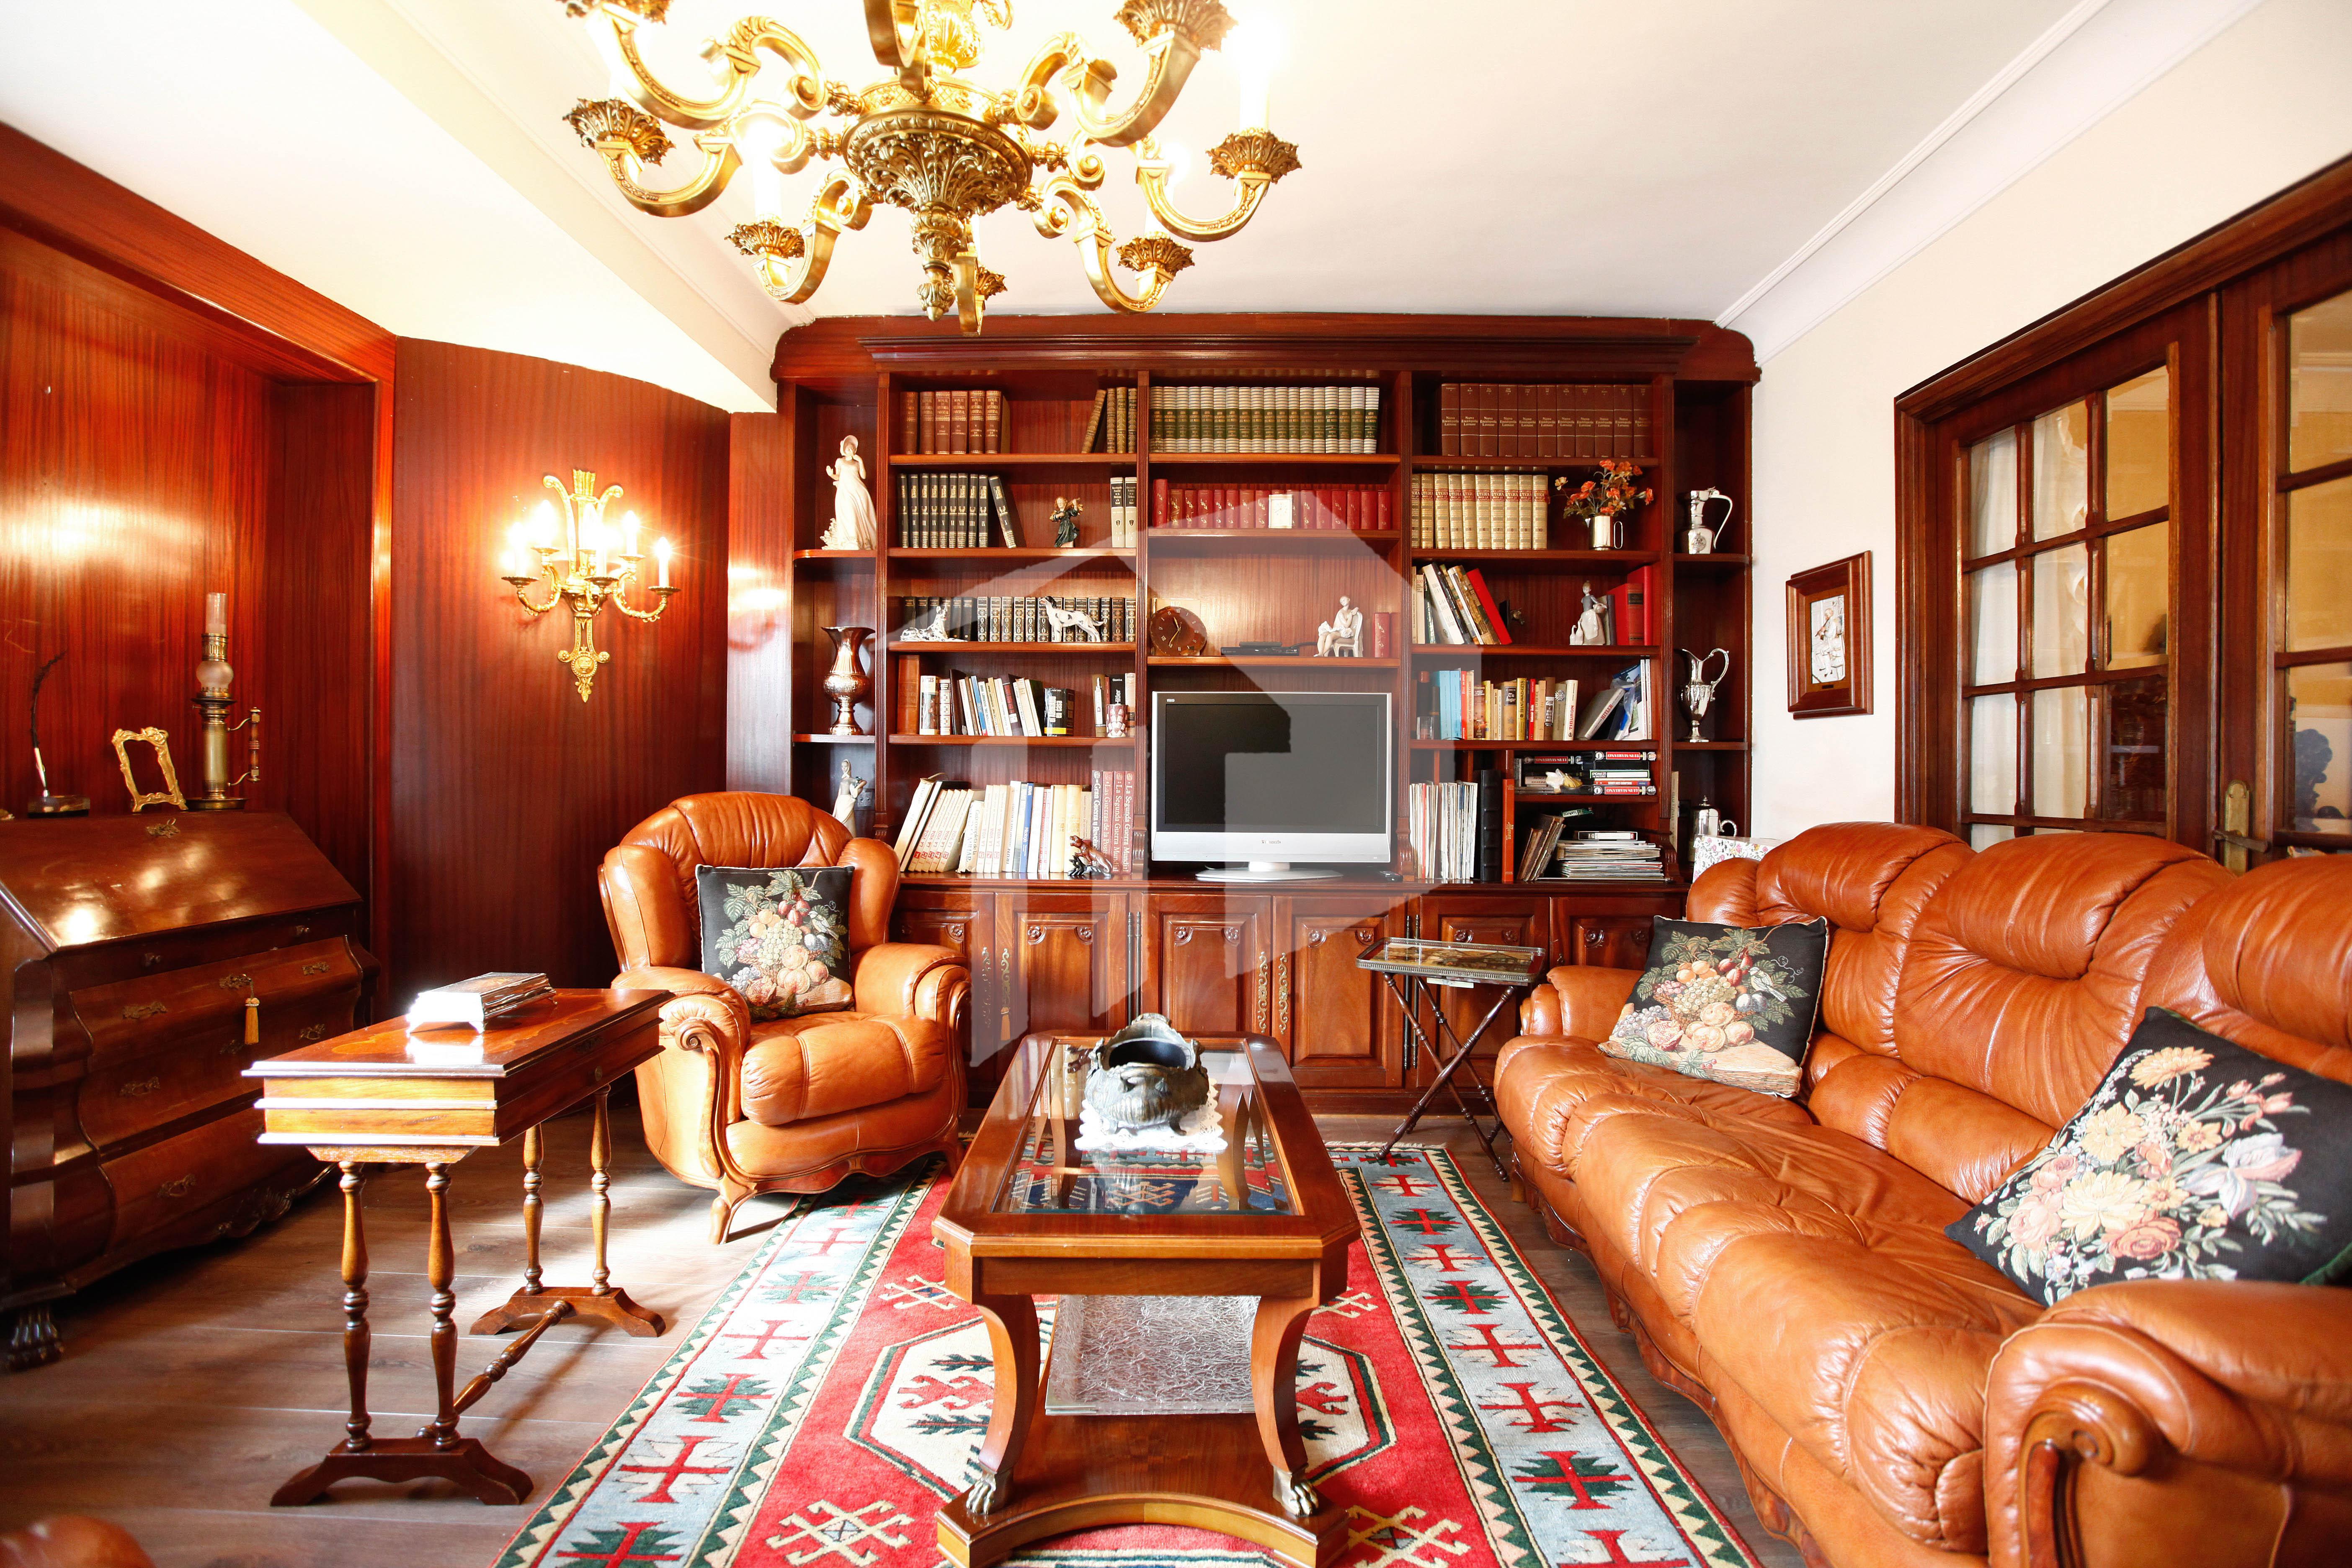 Bonito piso de 91 m2  útiles en pleno centro de Irún. La vivienda, muy espaciosa y luminosa, se compone de cocina equipada e independiente,salón comedor, tres habitaciones ( una de ellas, suite), y dos baños completos. Opcional trastero y garaje cerrado.